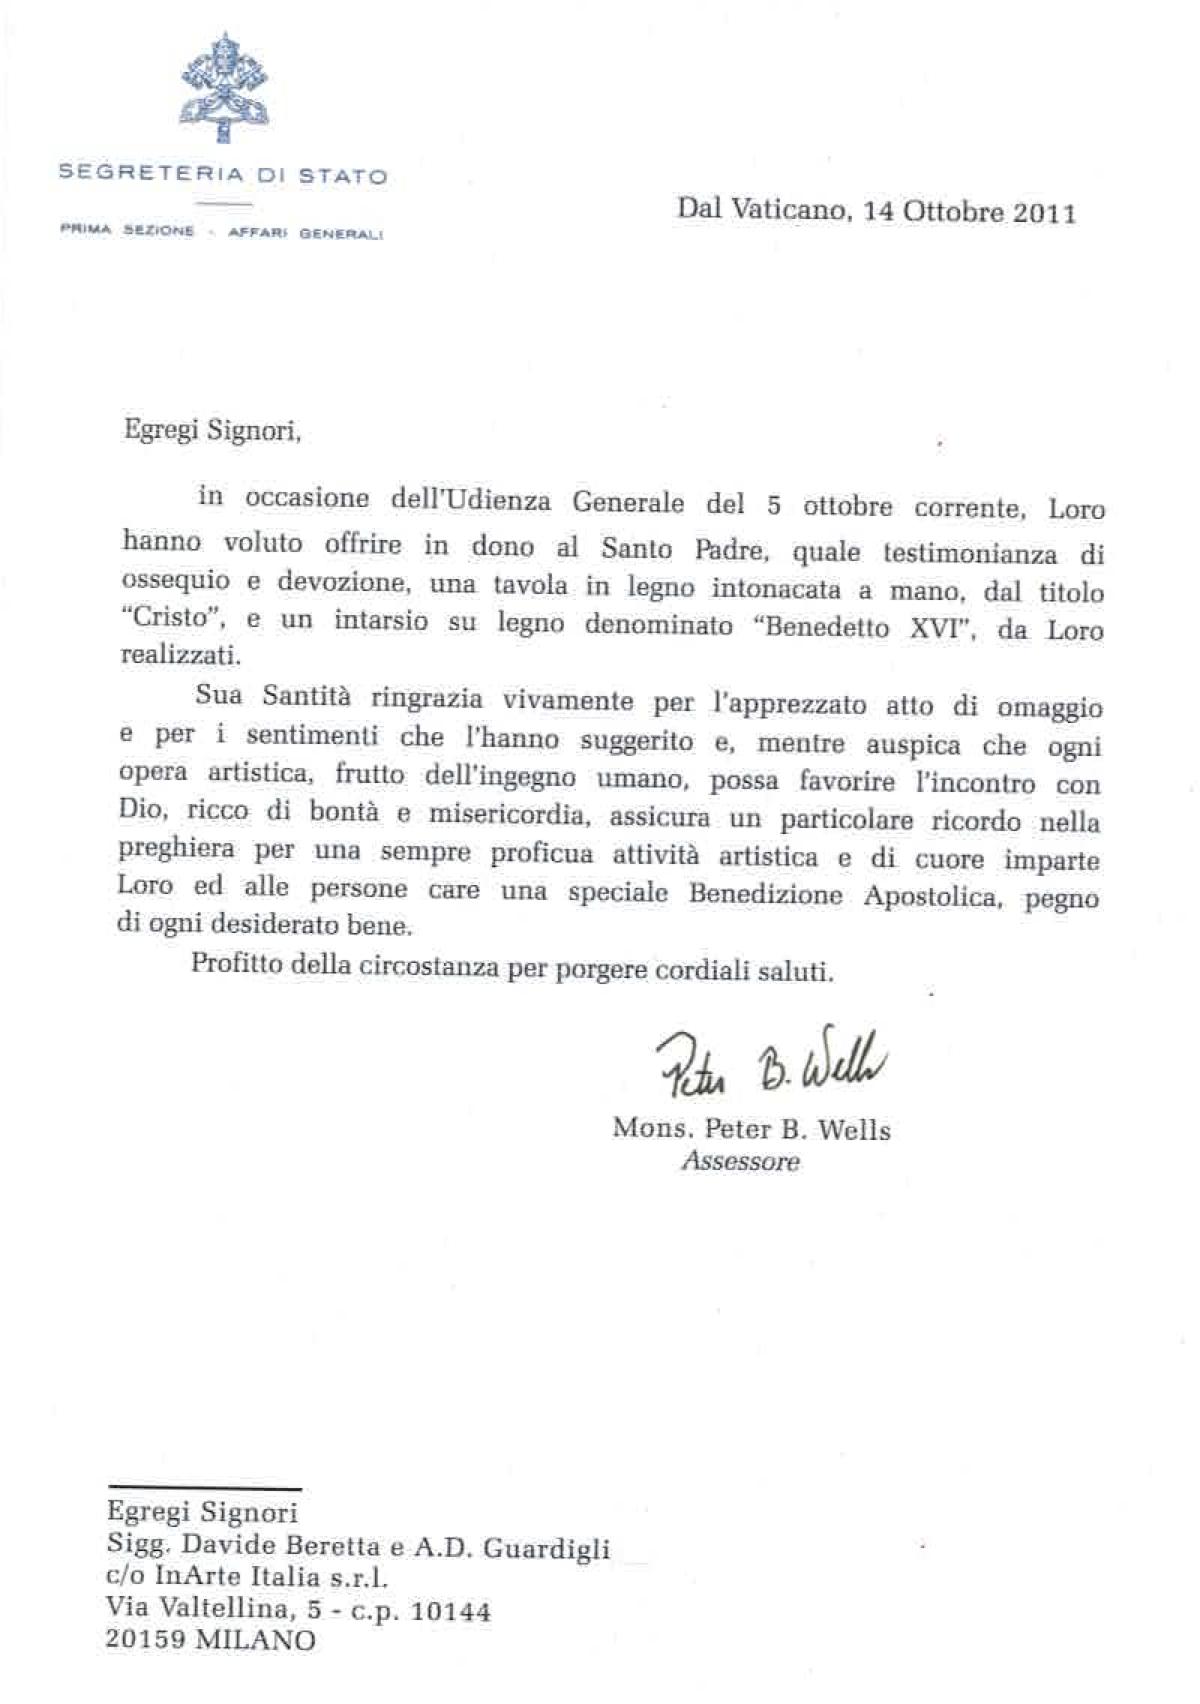 RINGRAZIAMENTI-VATICANO-ANNO-2011